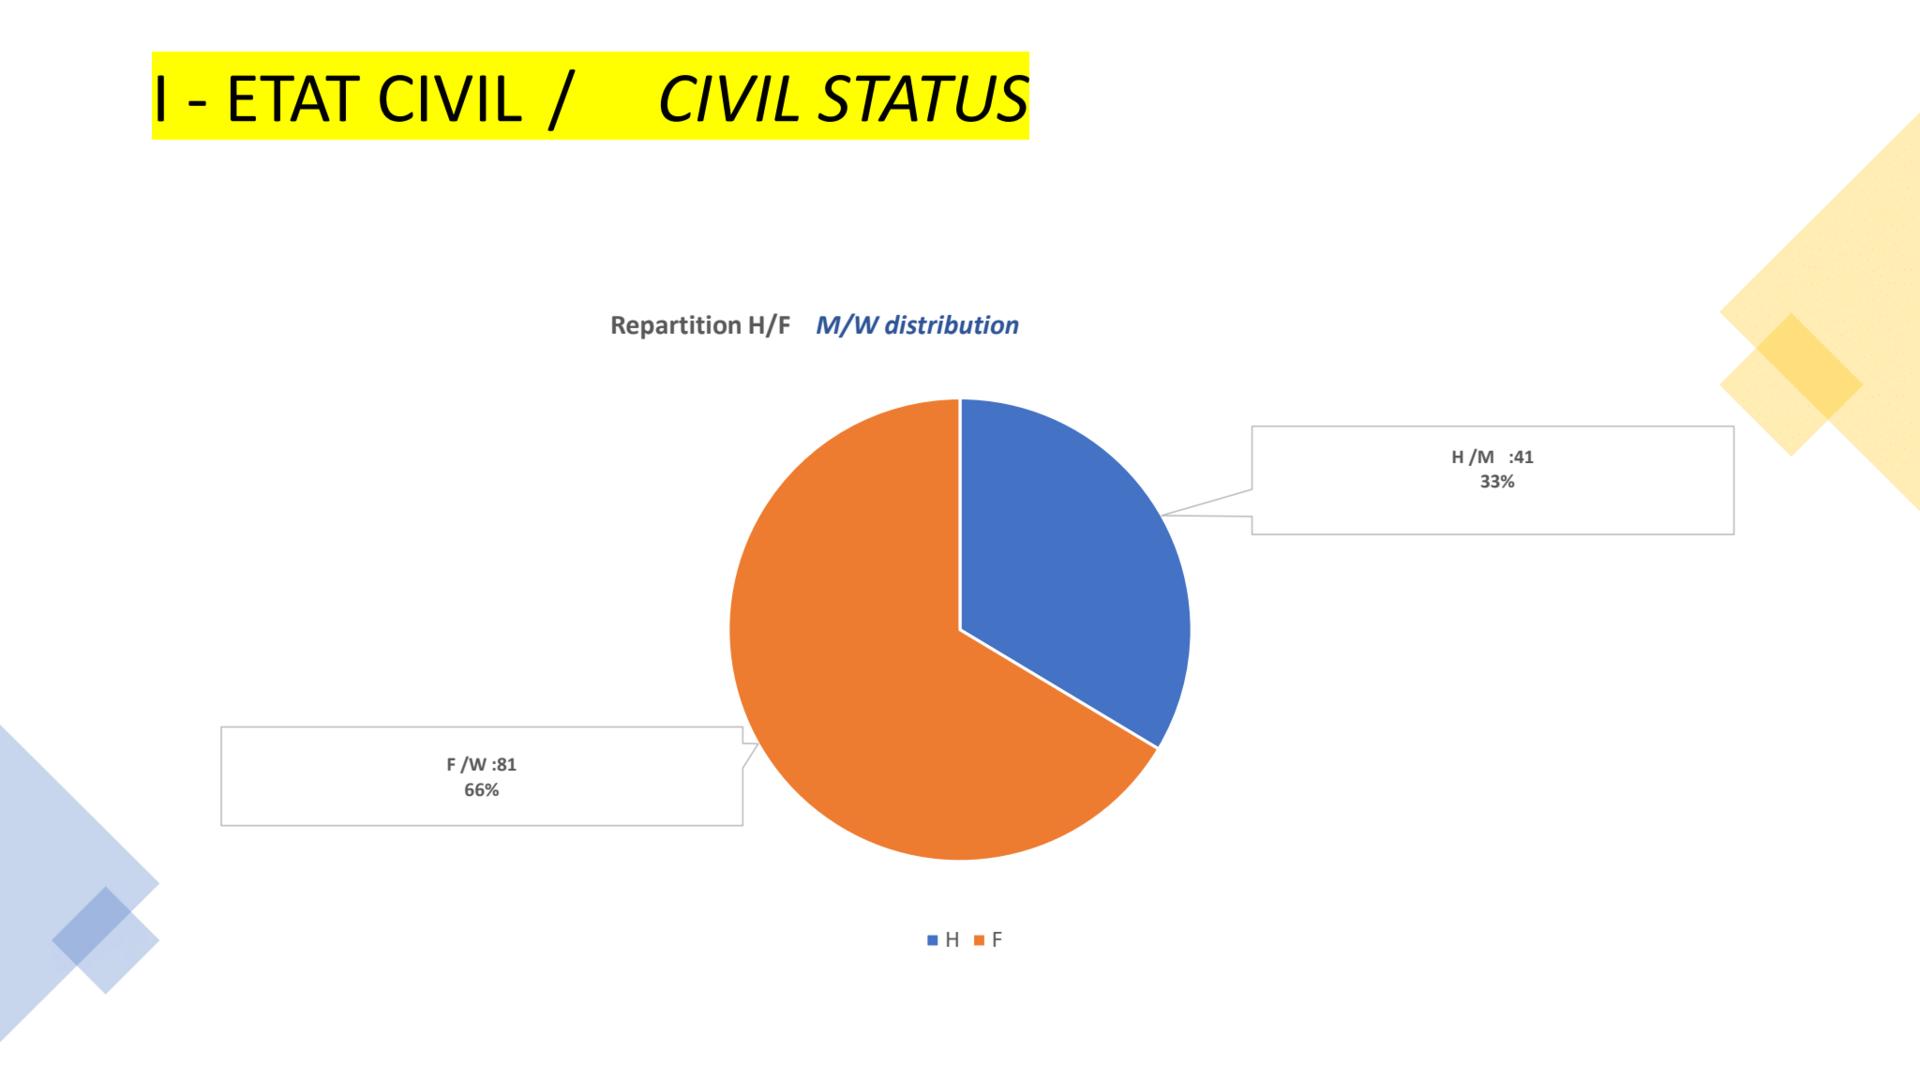 Civil status